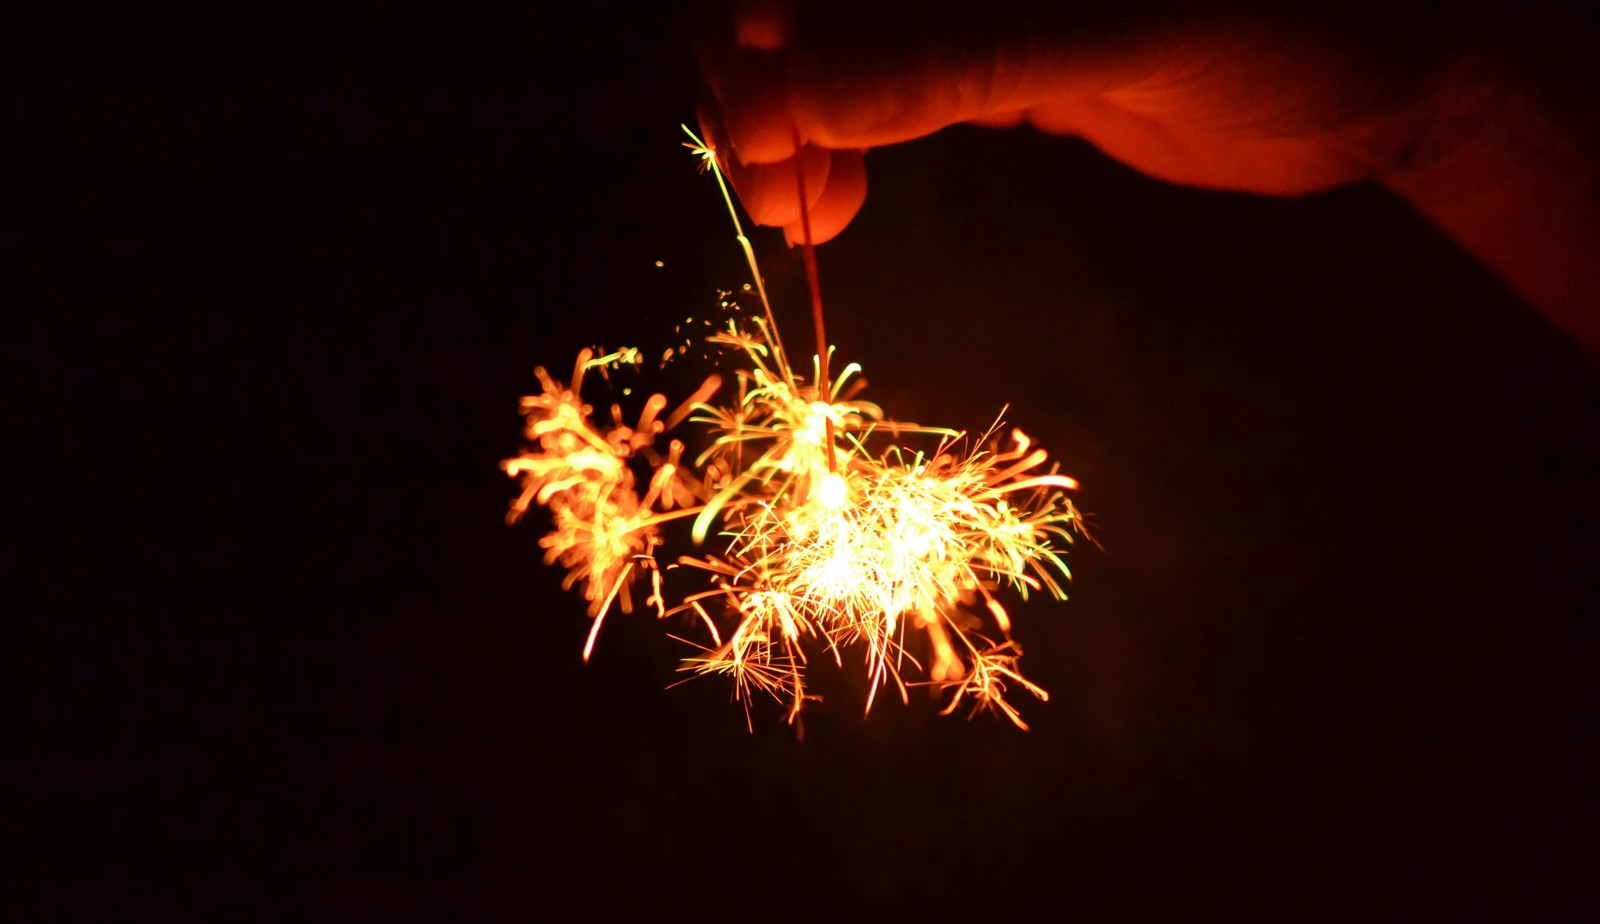 「線香花火を手で持つ」の写真